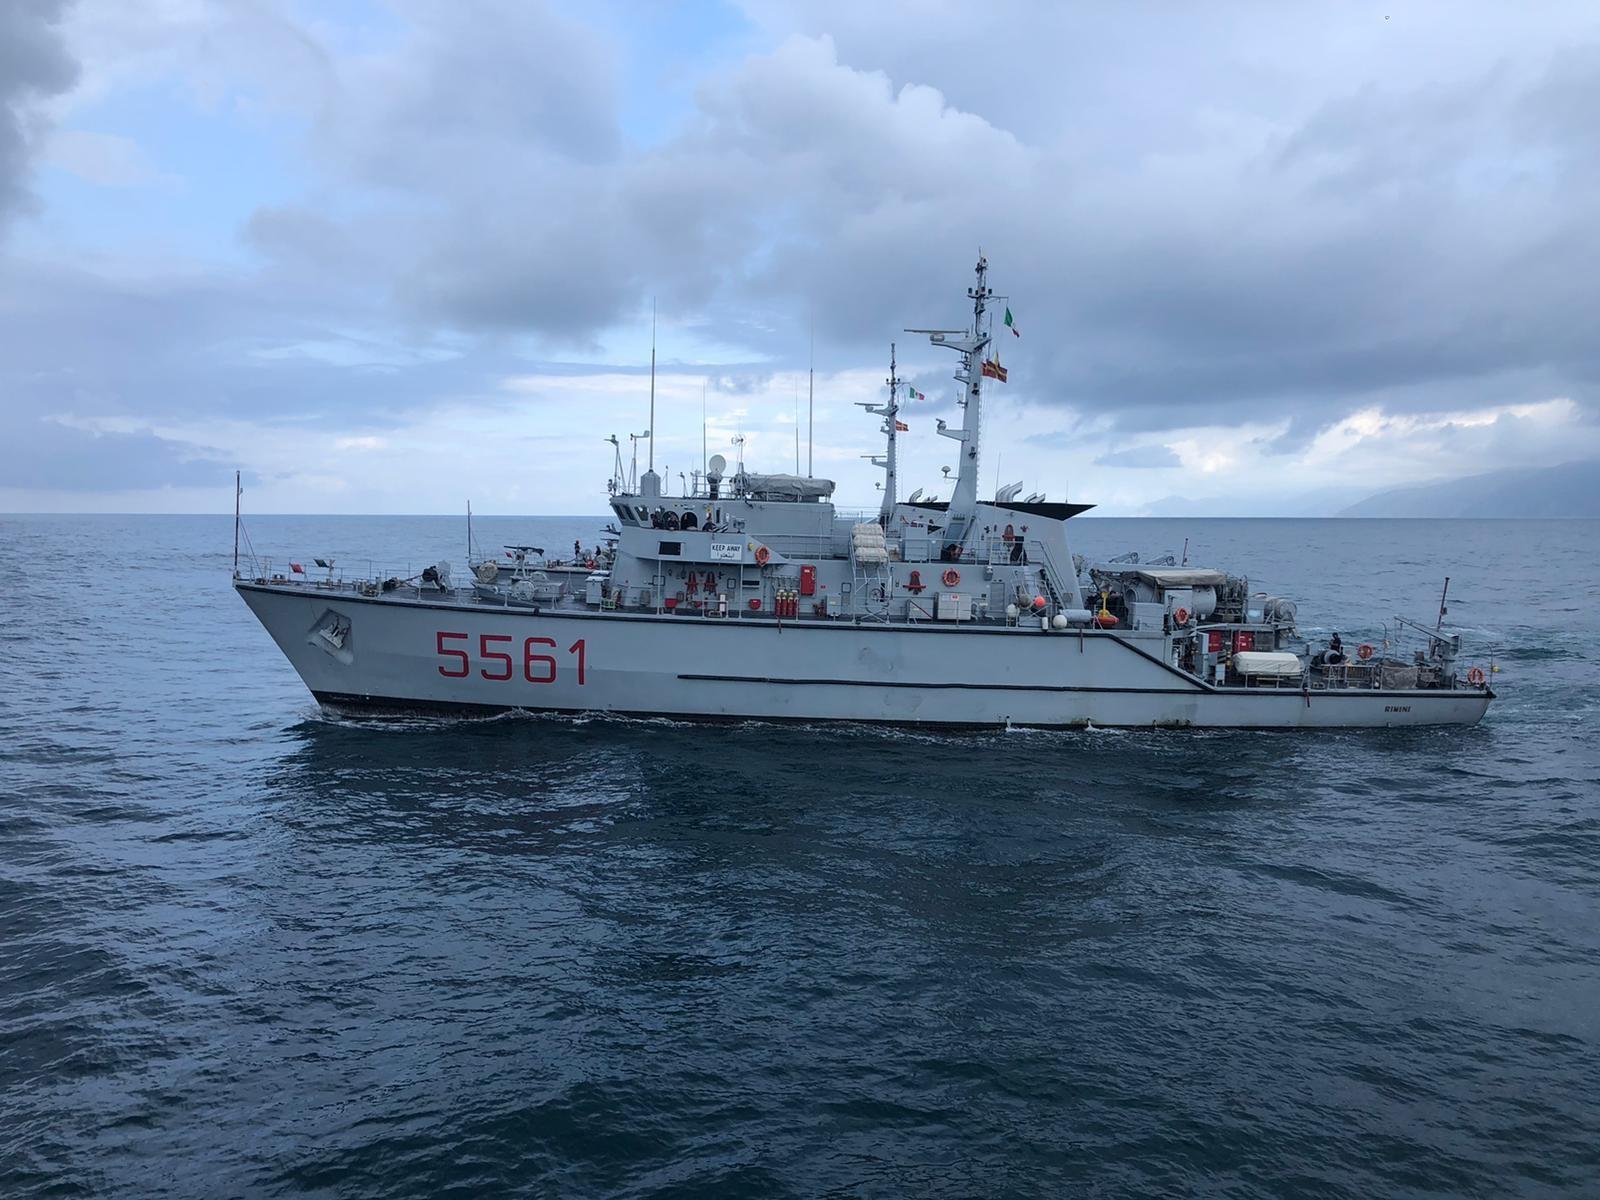 La nave Rimini della Marina Militare